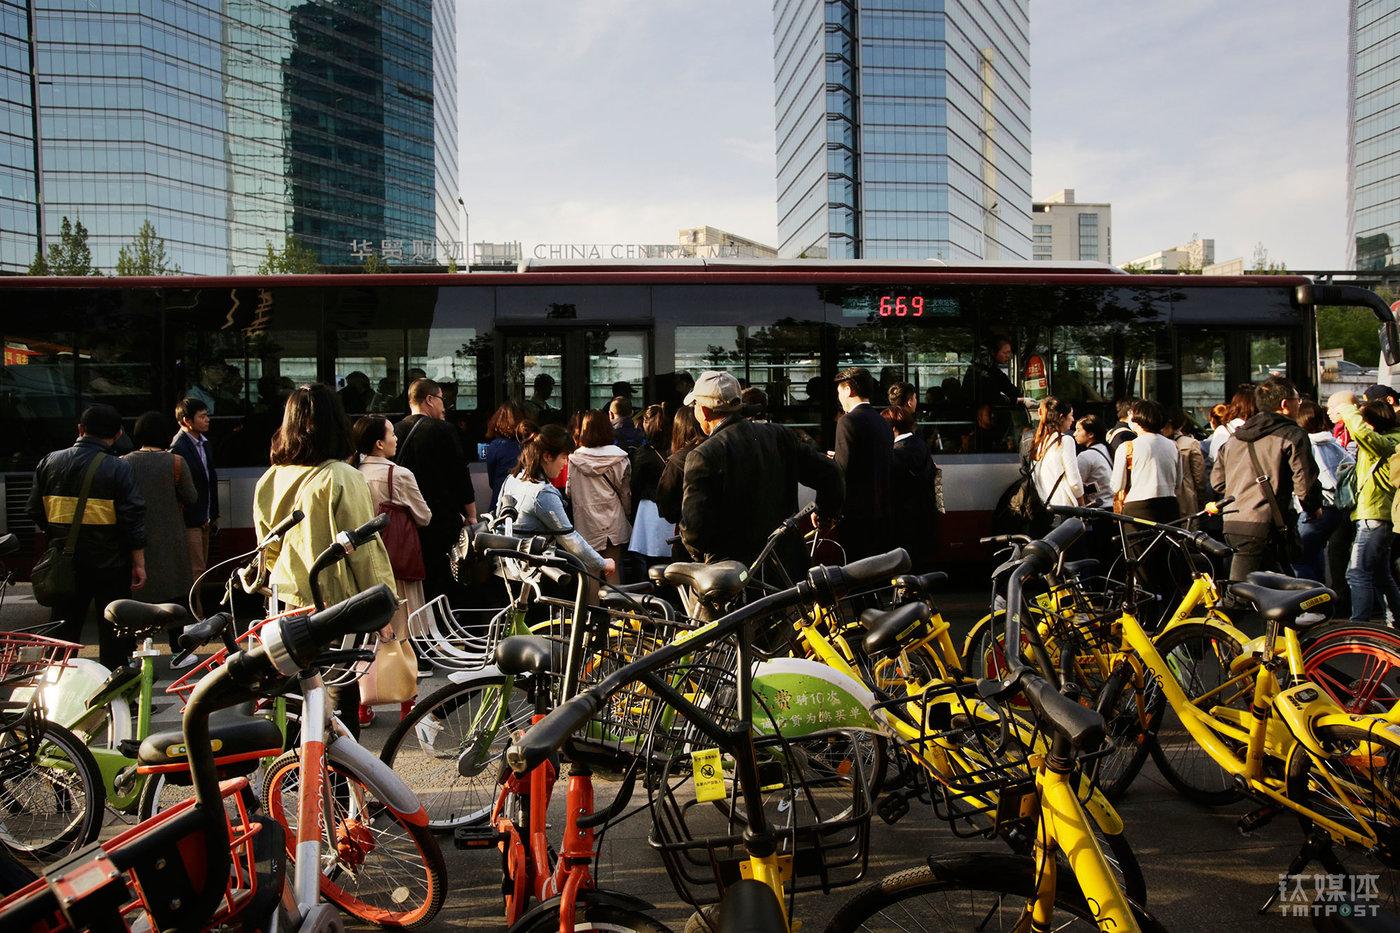 八王坟东公交站点连通燕郊到大望路,每天晚高峰大量人流在这里聚集,随着人流涌来的共享单车也超出了固定停放点的容载量,被骑行者随意停靠在公交站内。